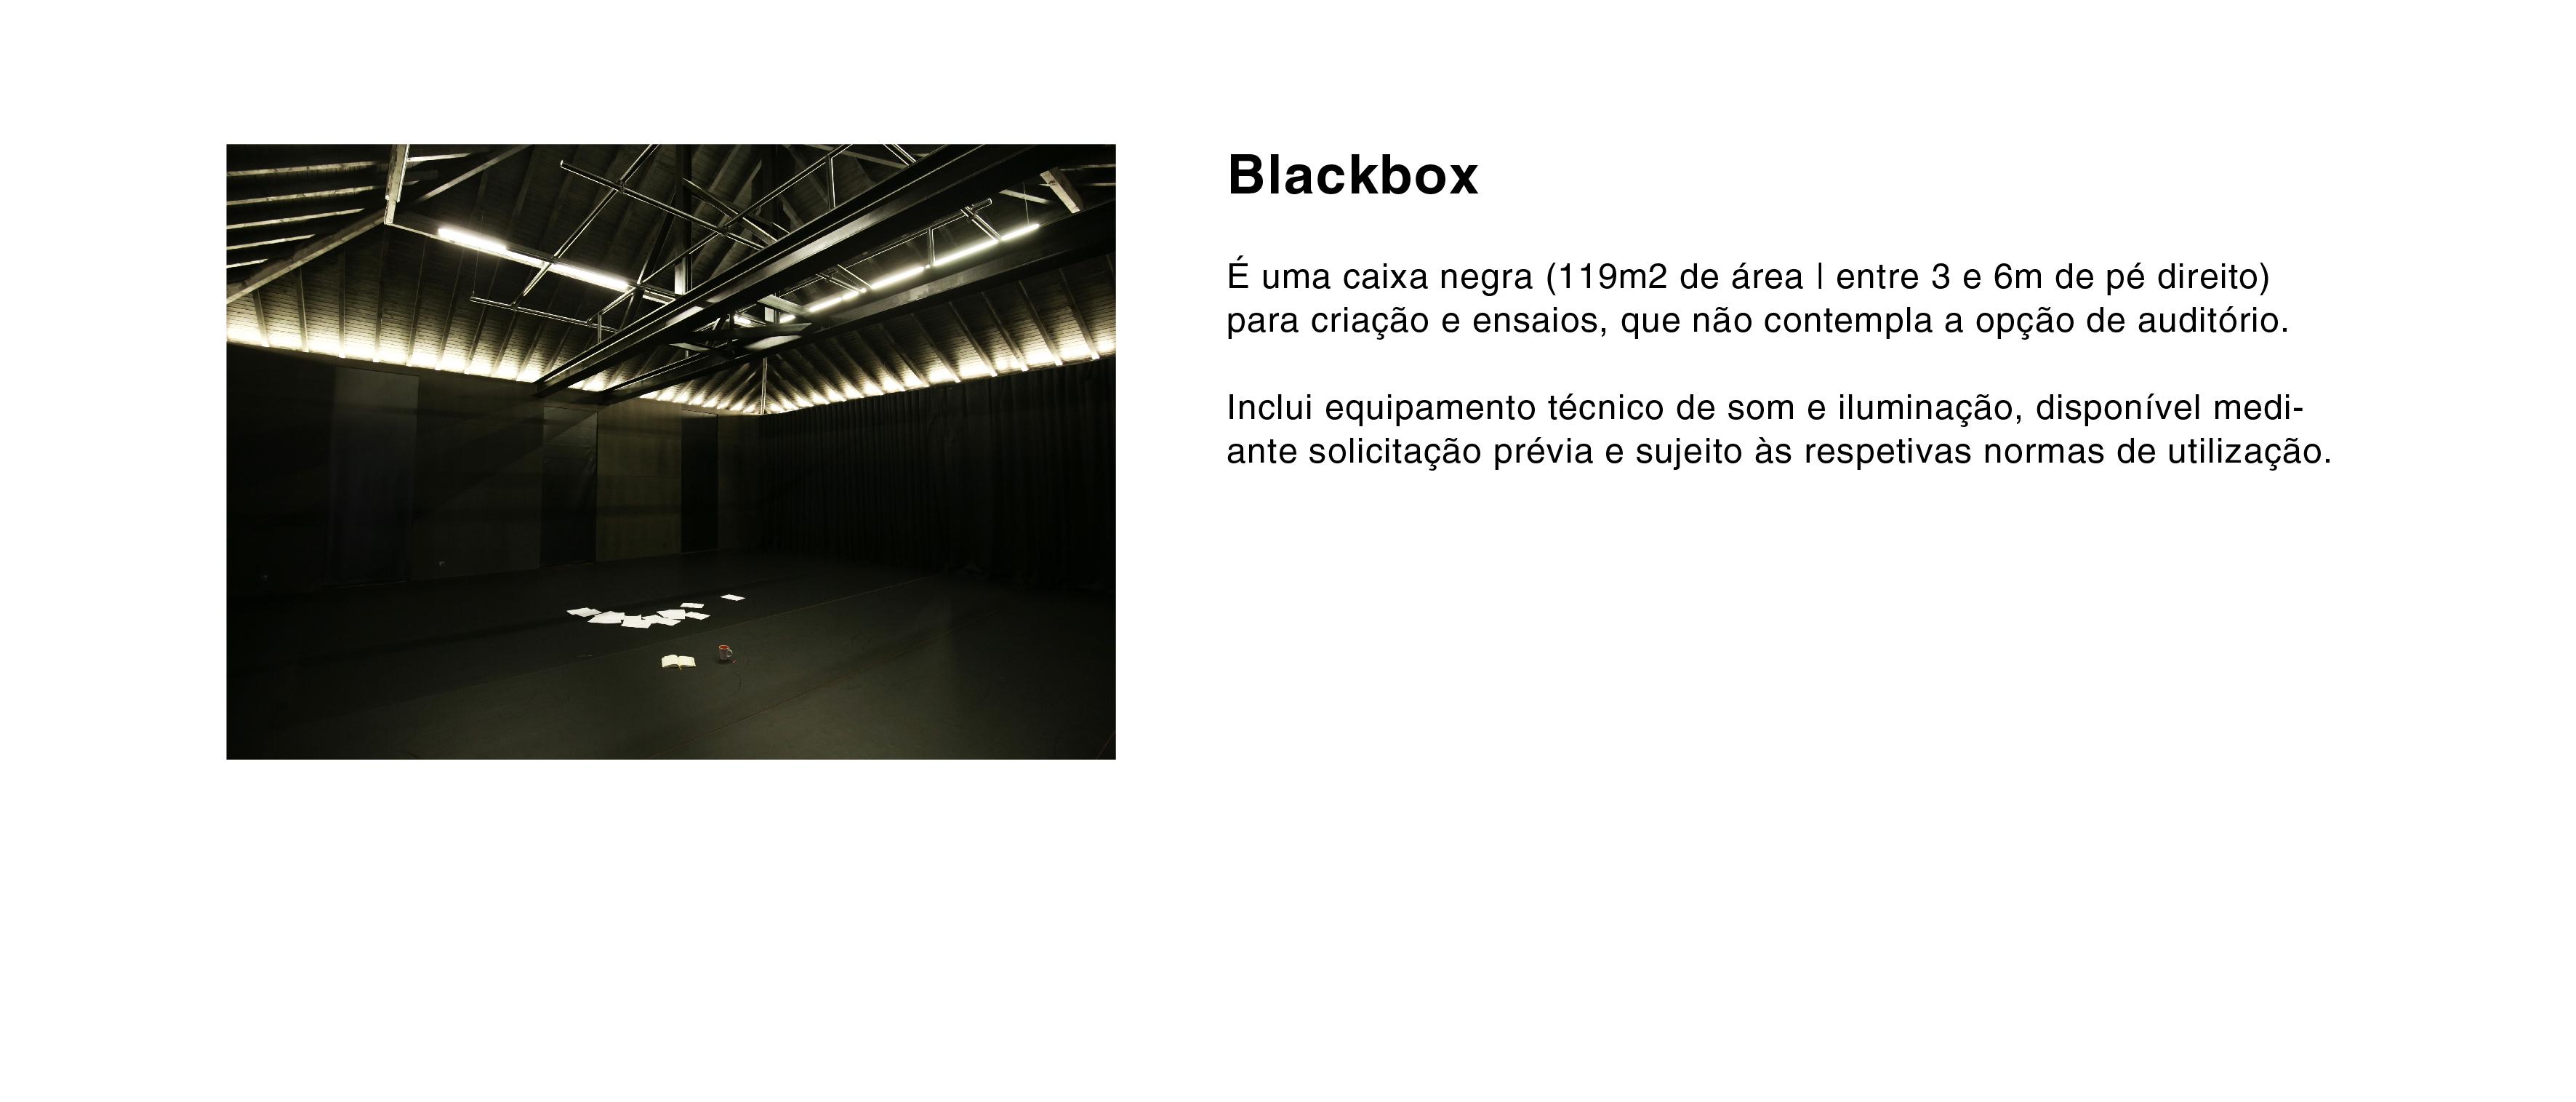 Blackbox-02